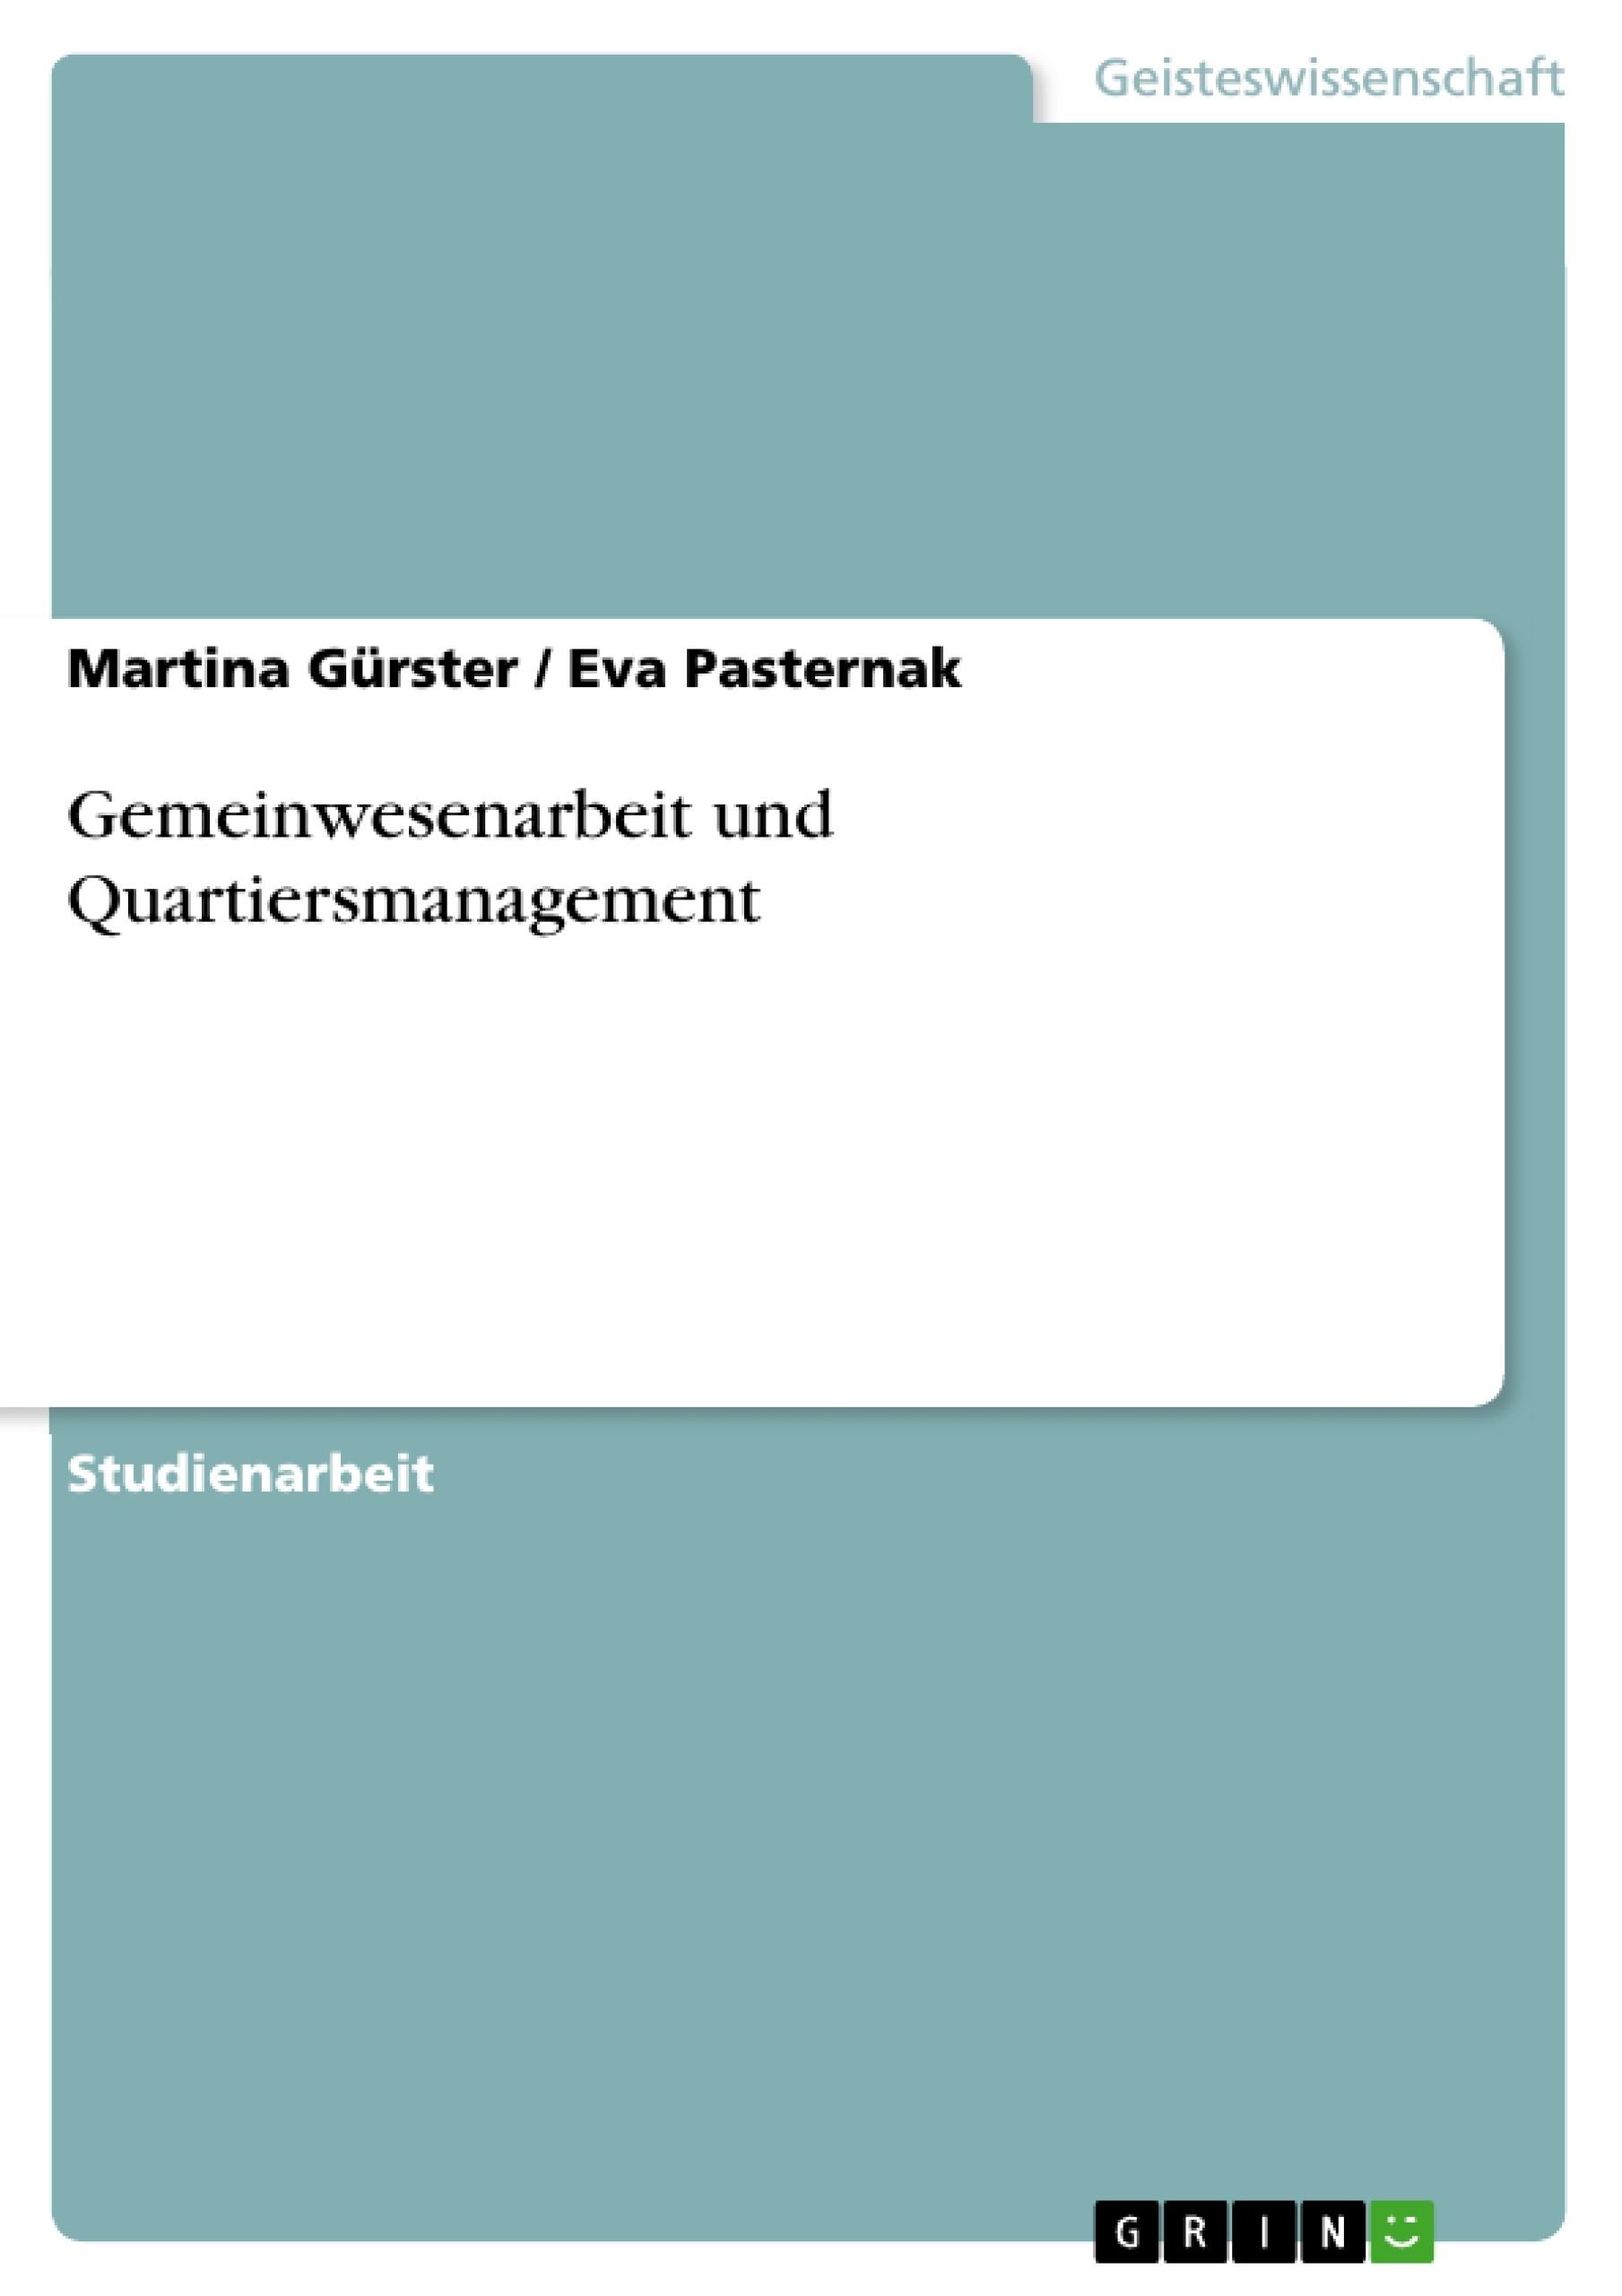 Titel: Gemeinwesenarbeit und Quartiersmanagement